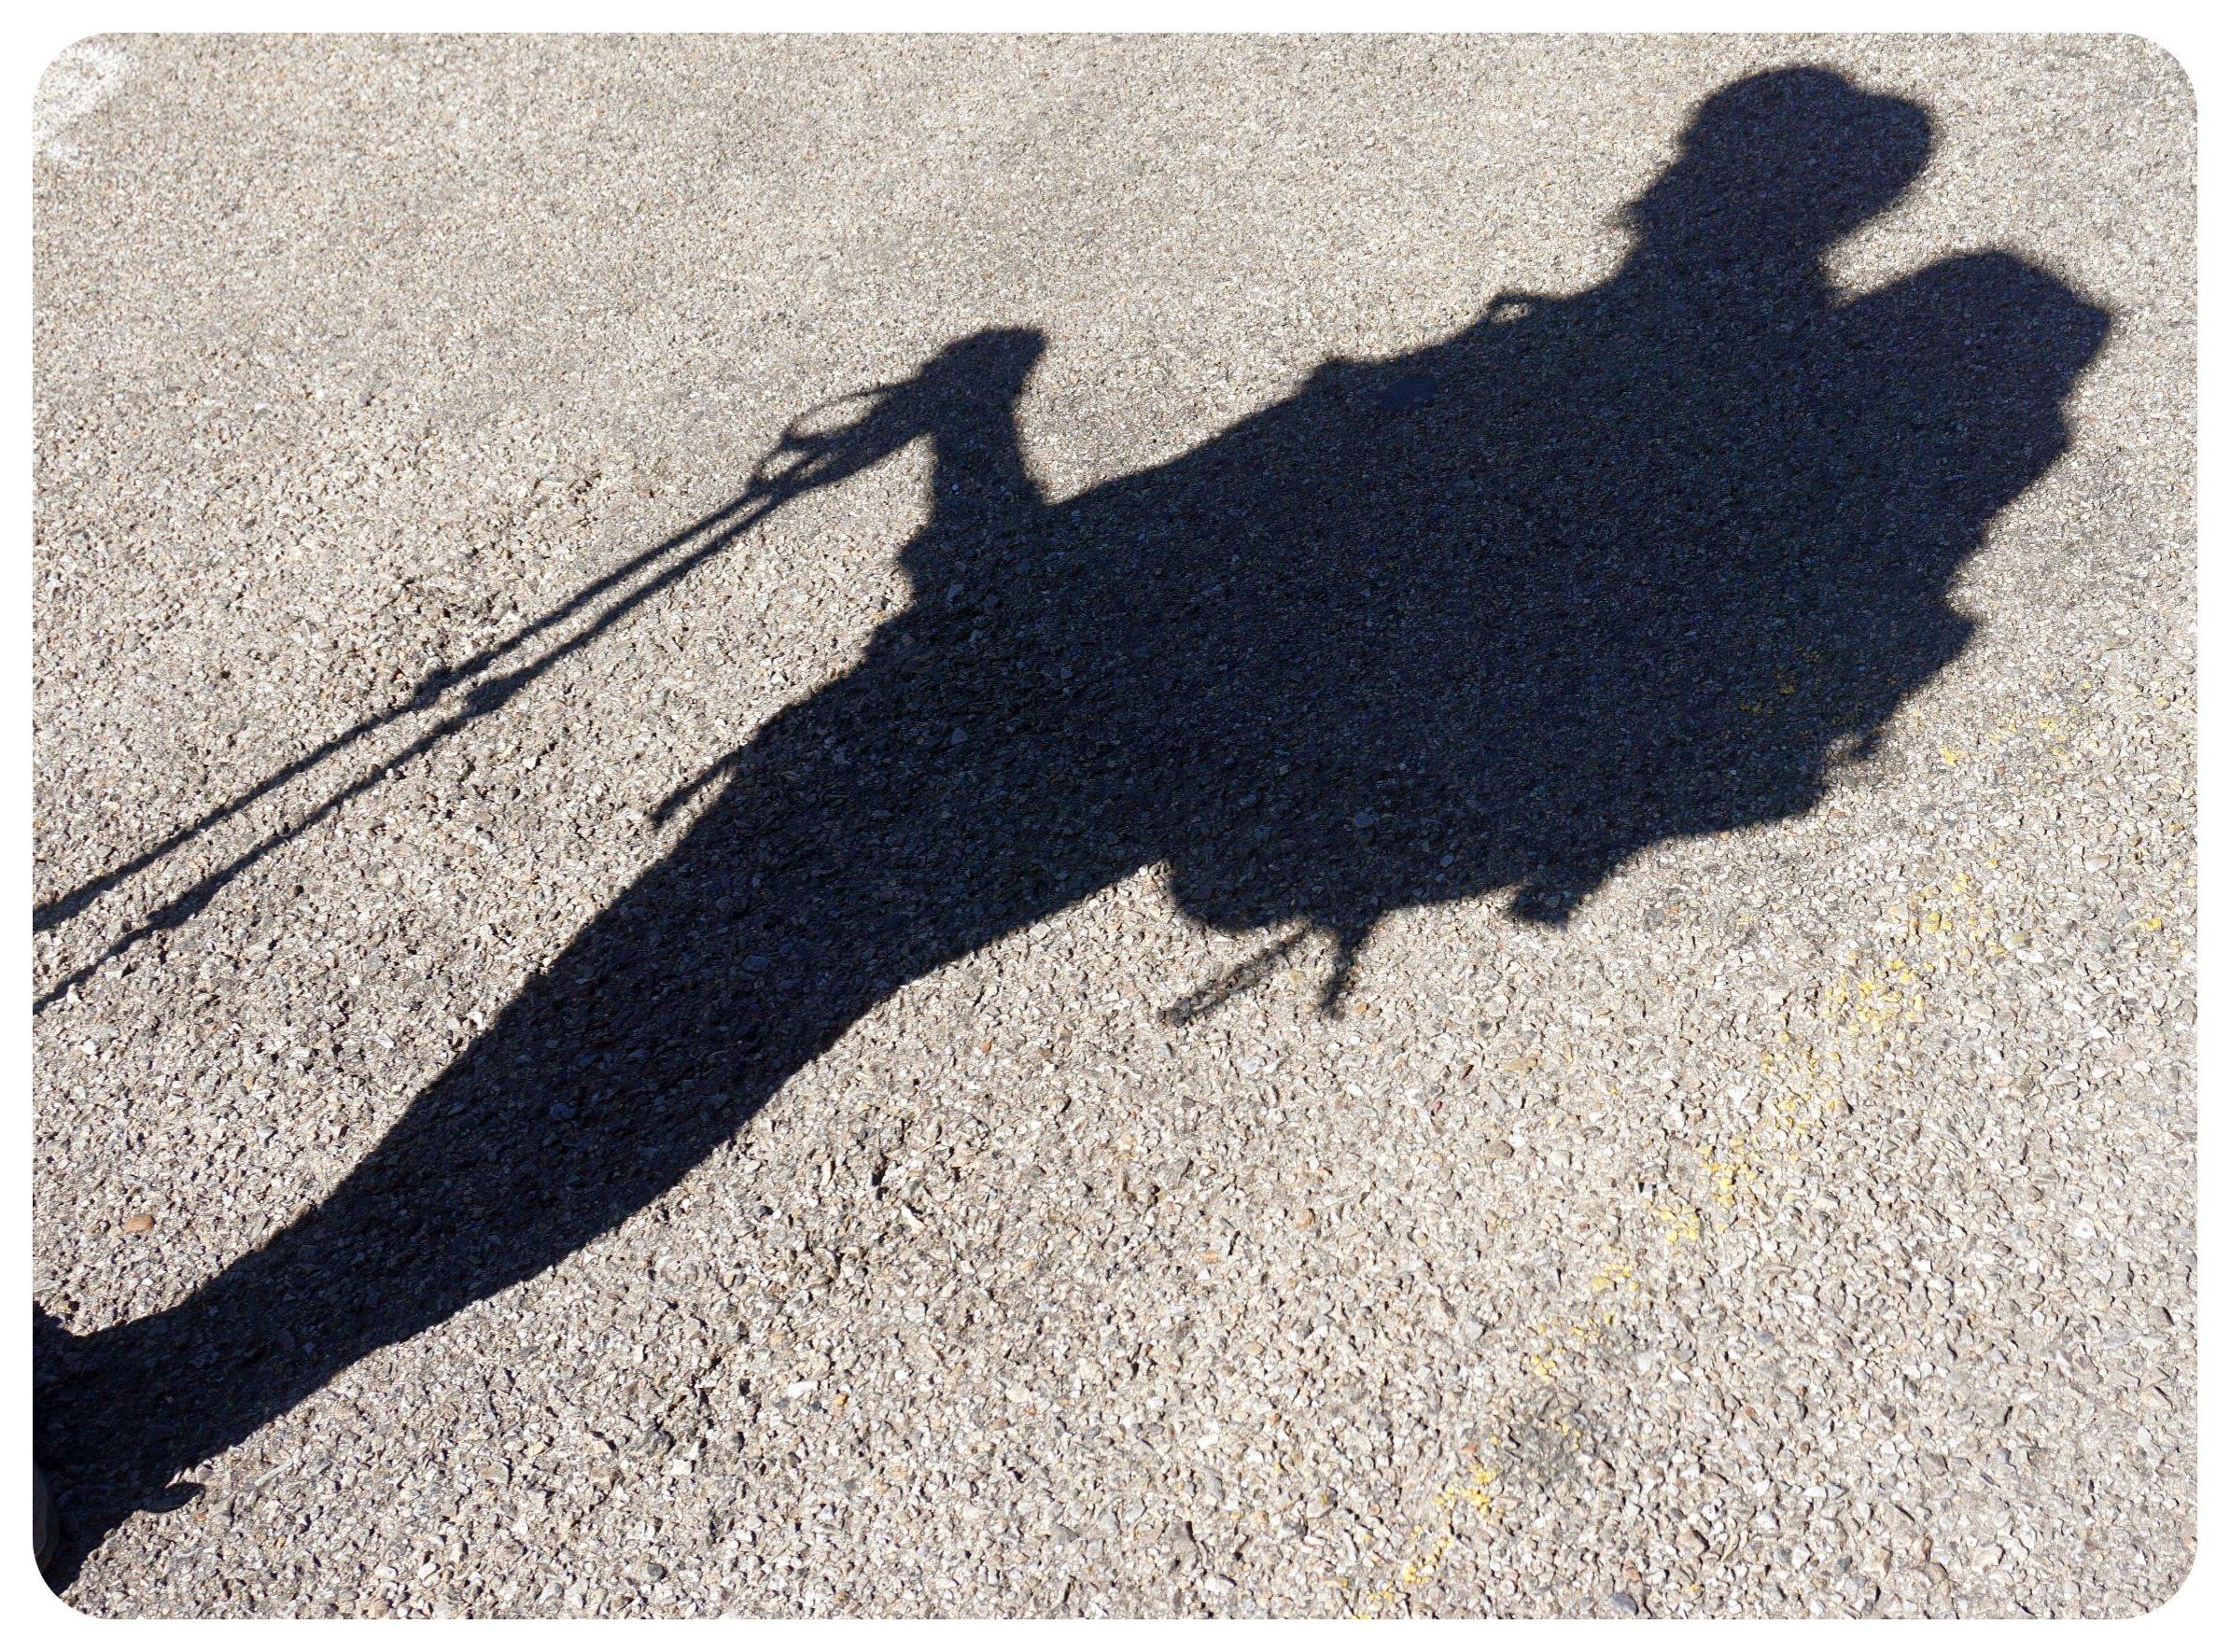 camino de santiago pilgrim silhouette